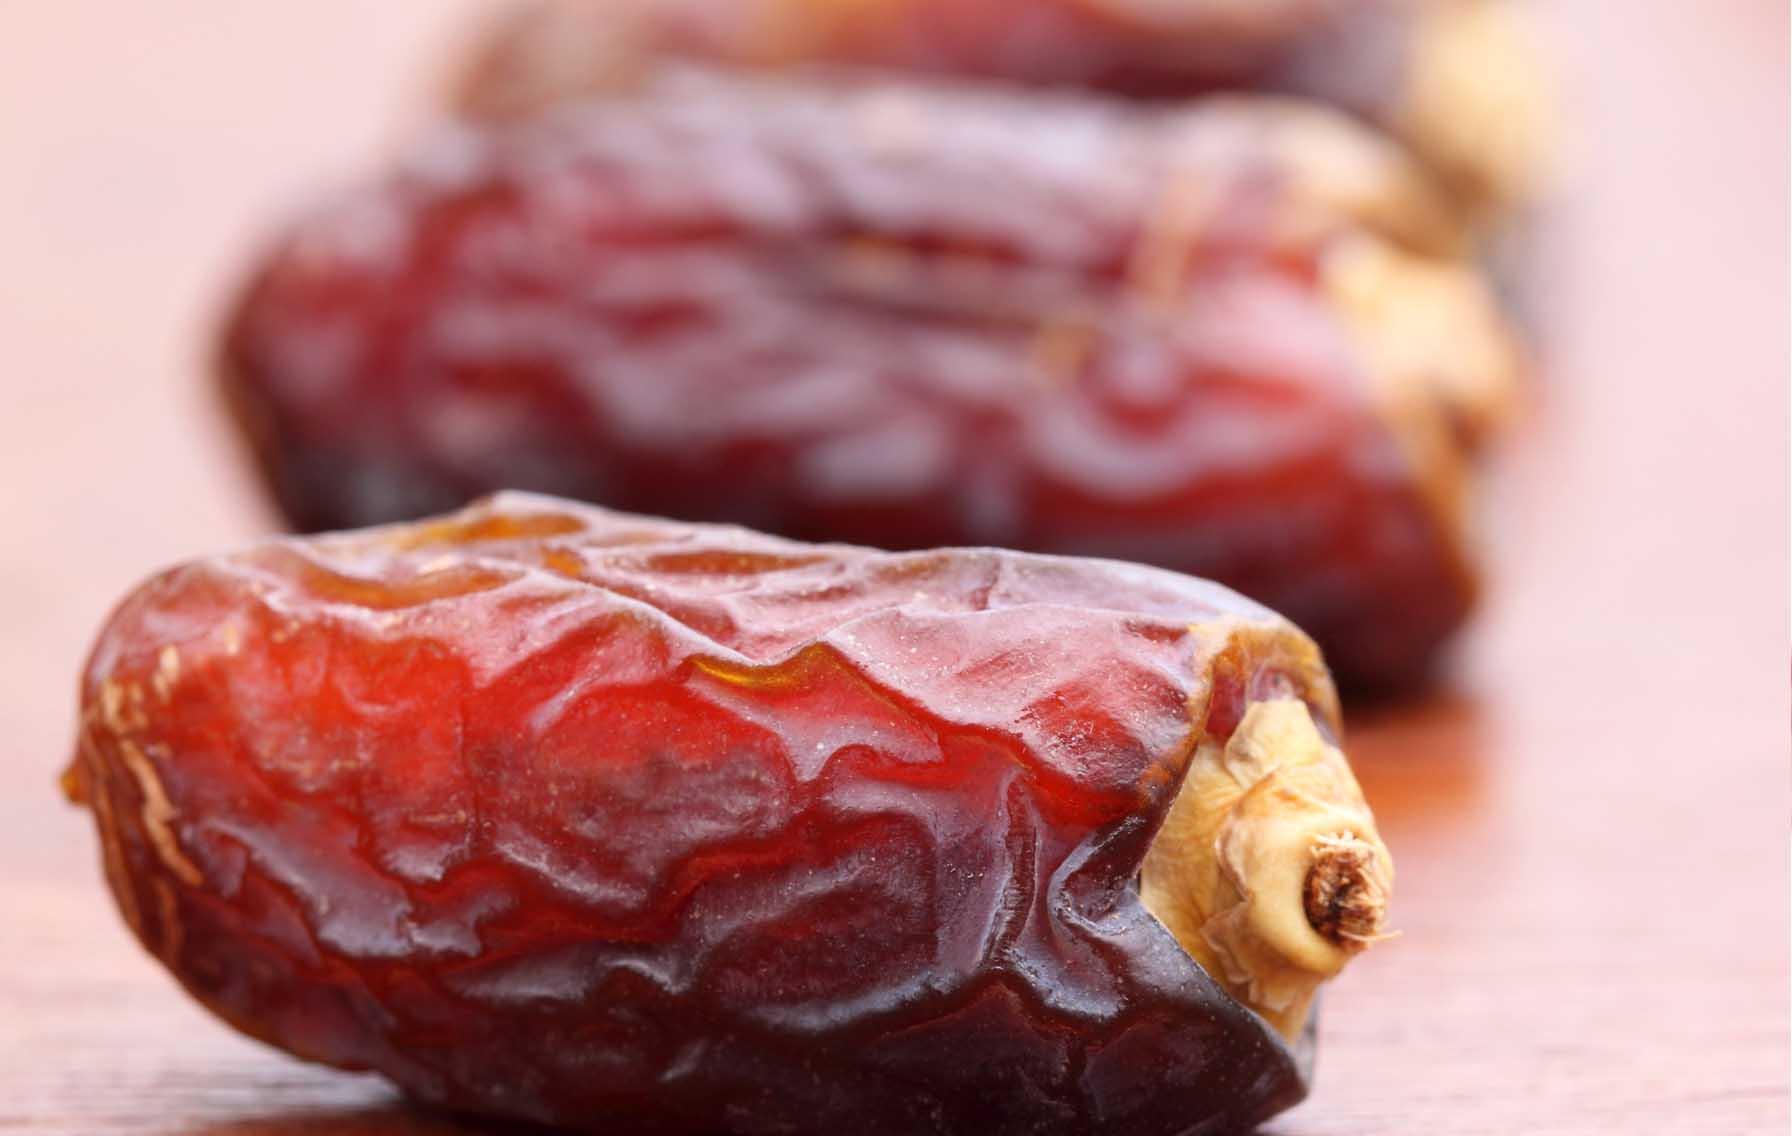 خواص شگفتانگیز میوه بهشتی که نامش 20 بار در قرآن تکرار شده است